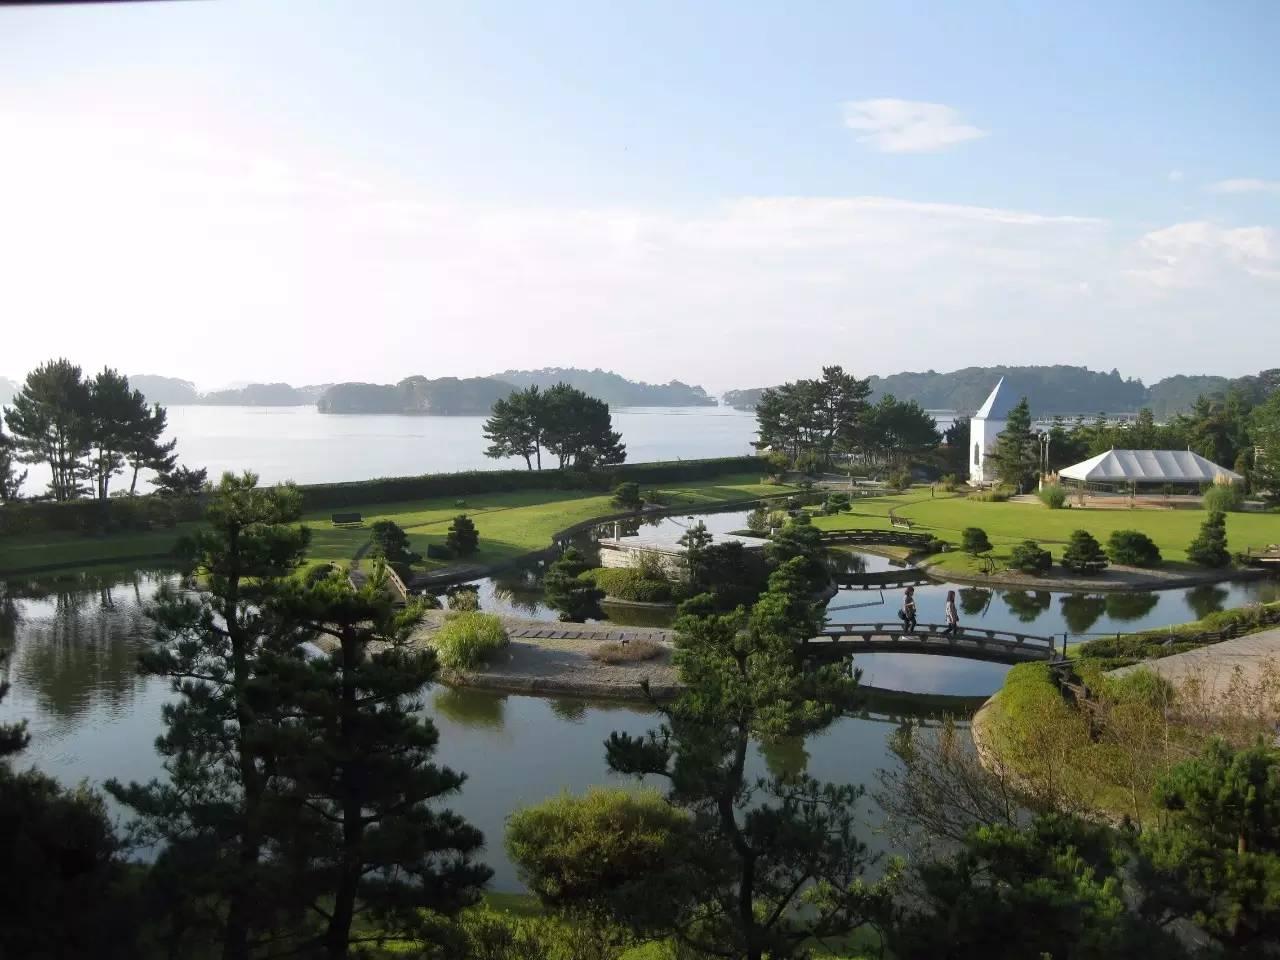 单次还是N年多次?日本旅游签证我应该办哪个? | 签证官